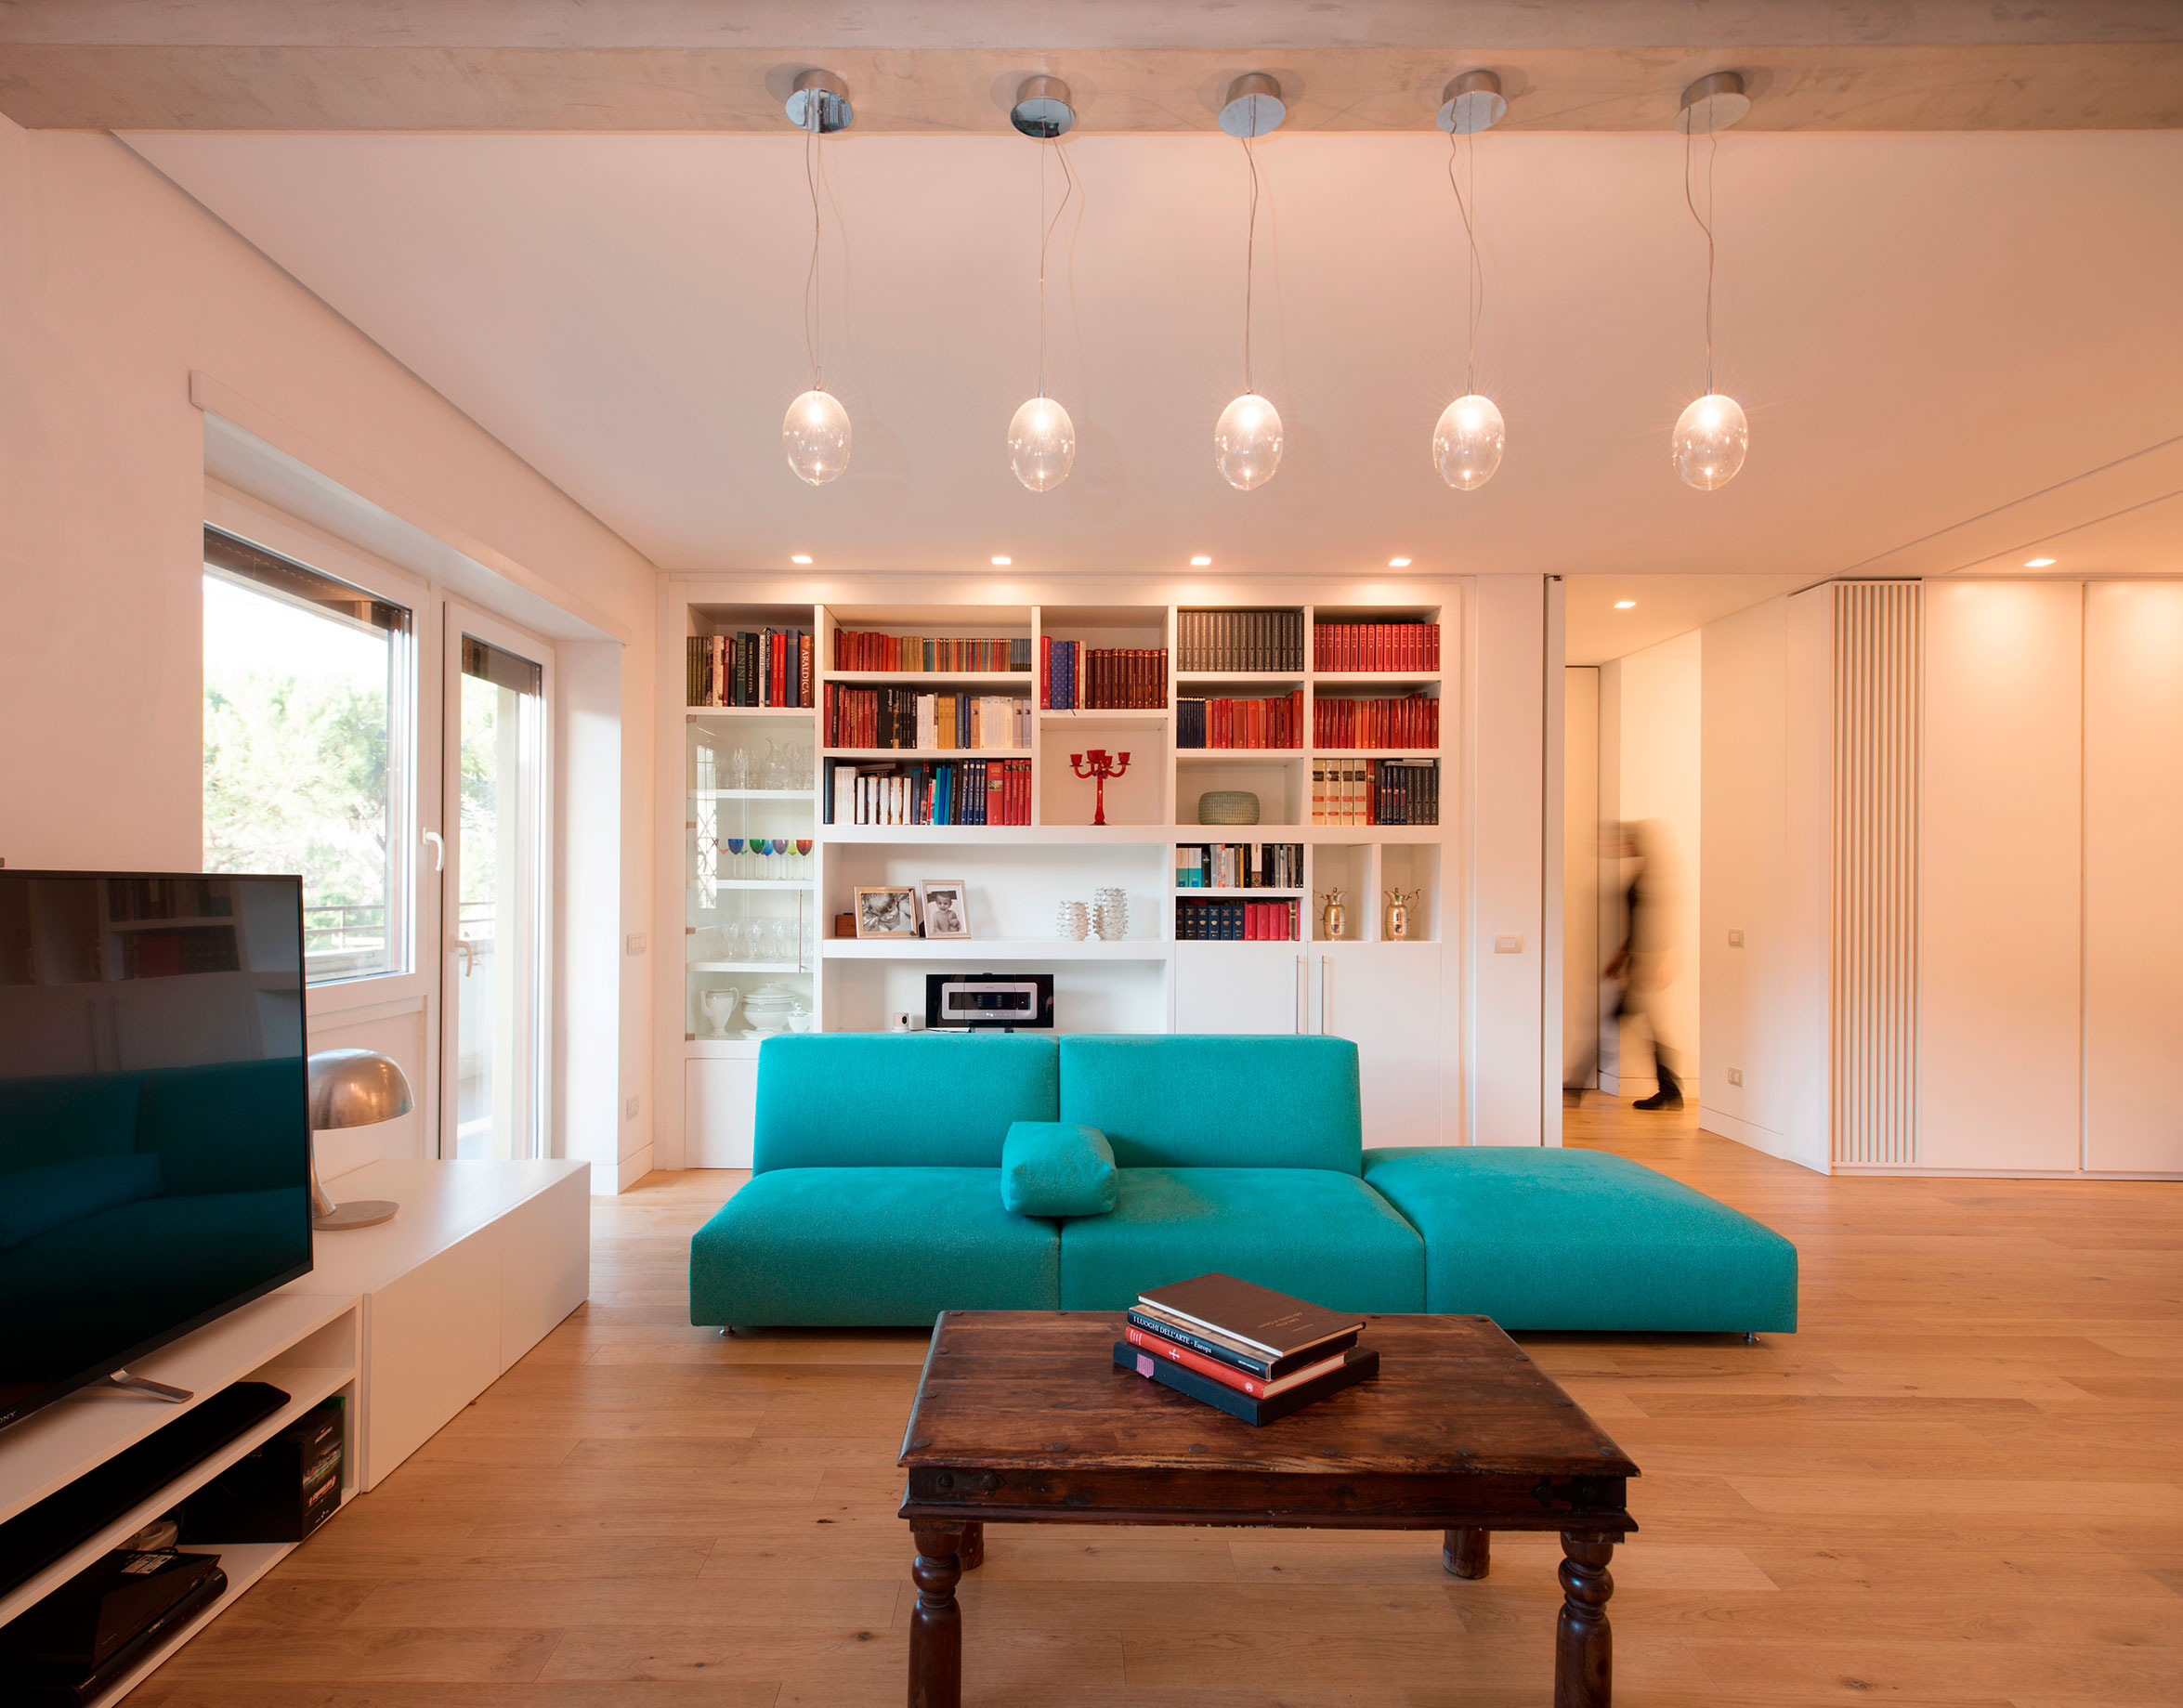 Однокомнатная квартира 40 кв м со встроенной мебелью